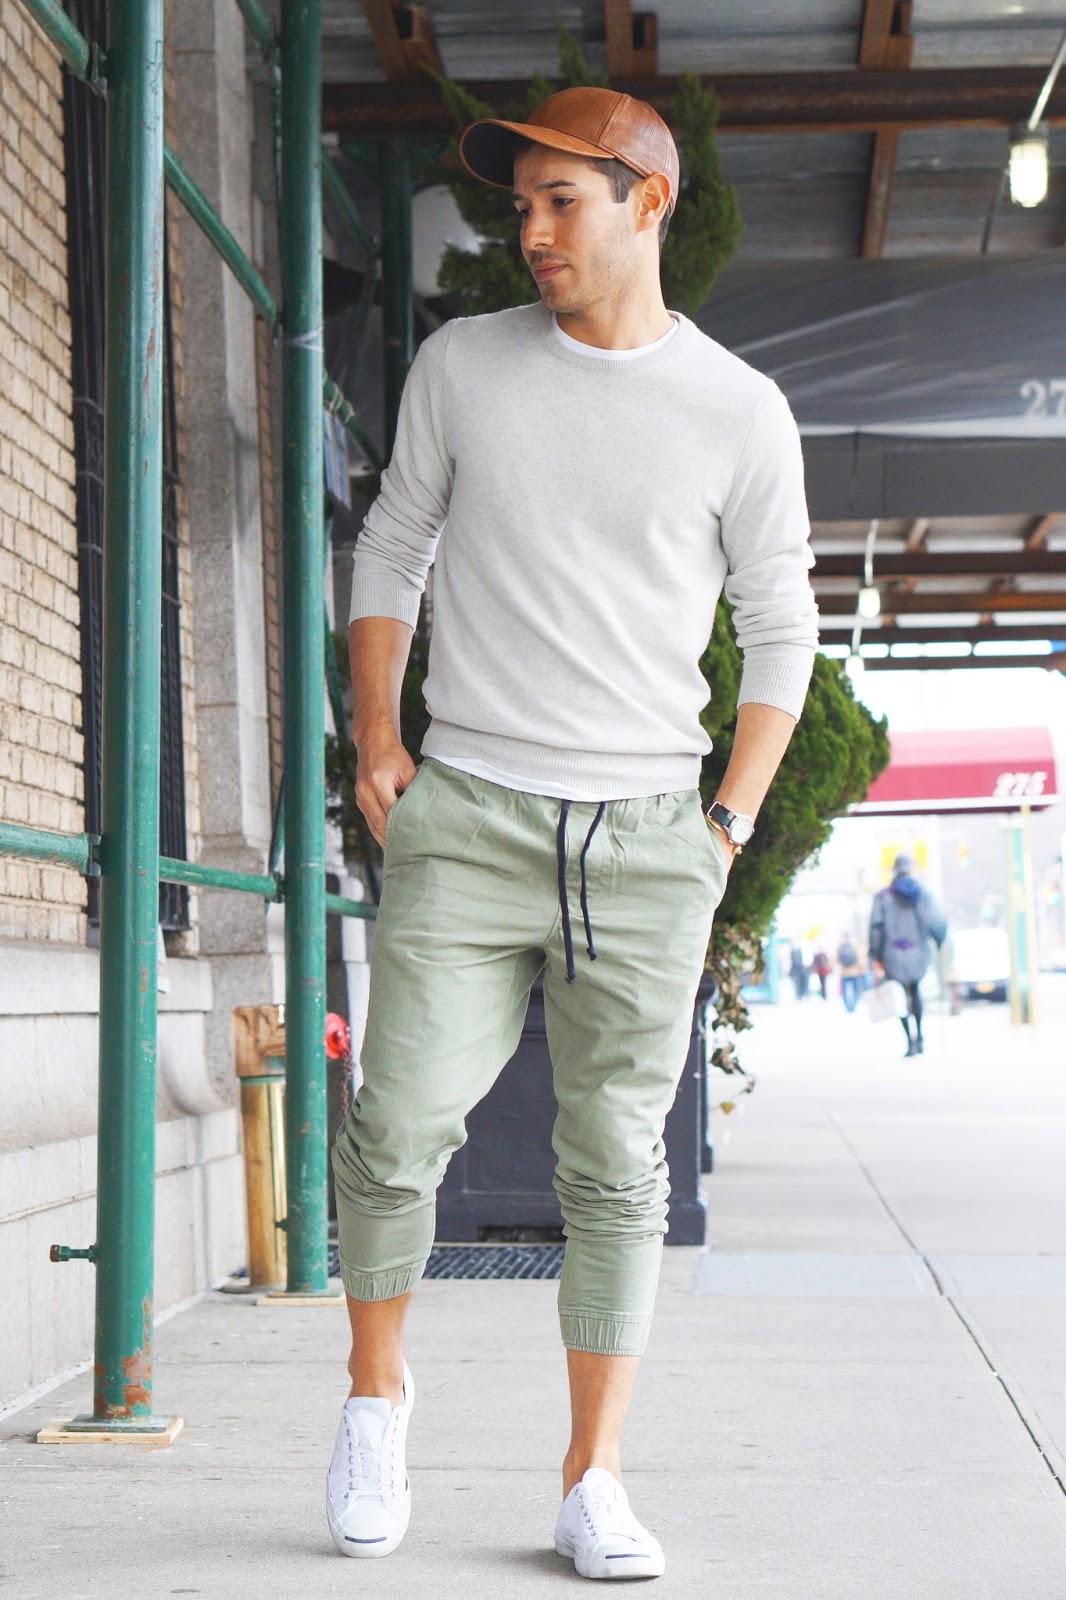 Jogger Wear